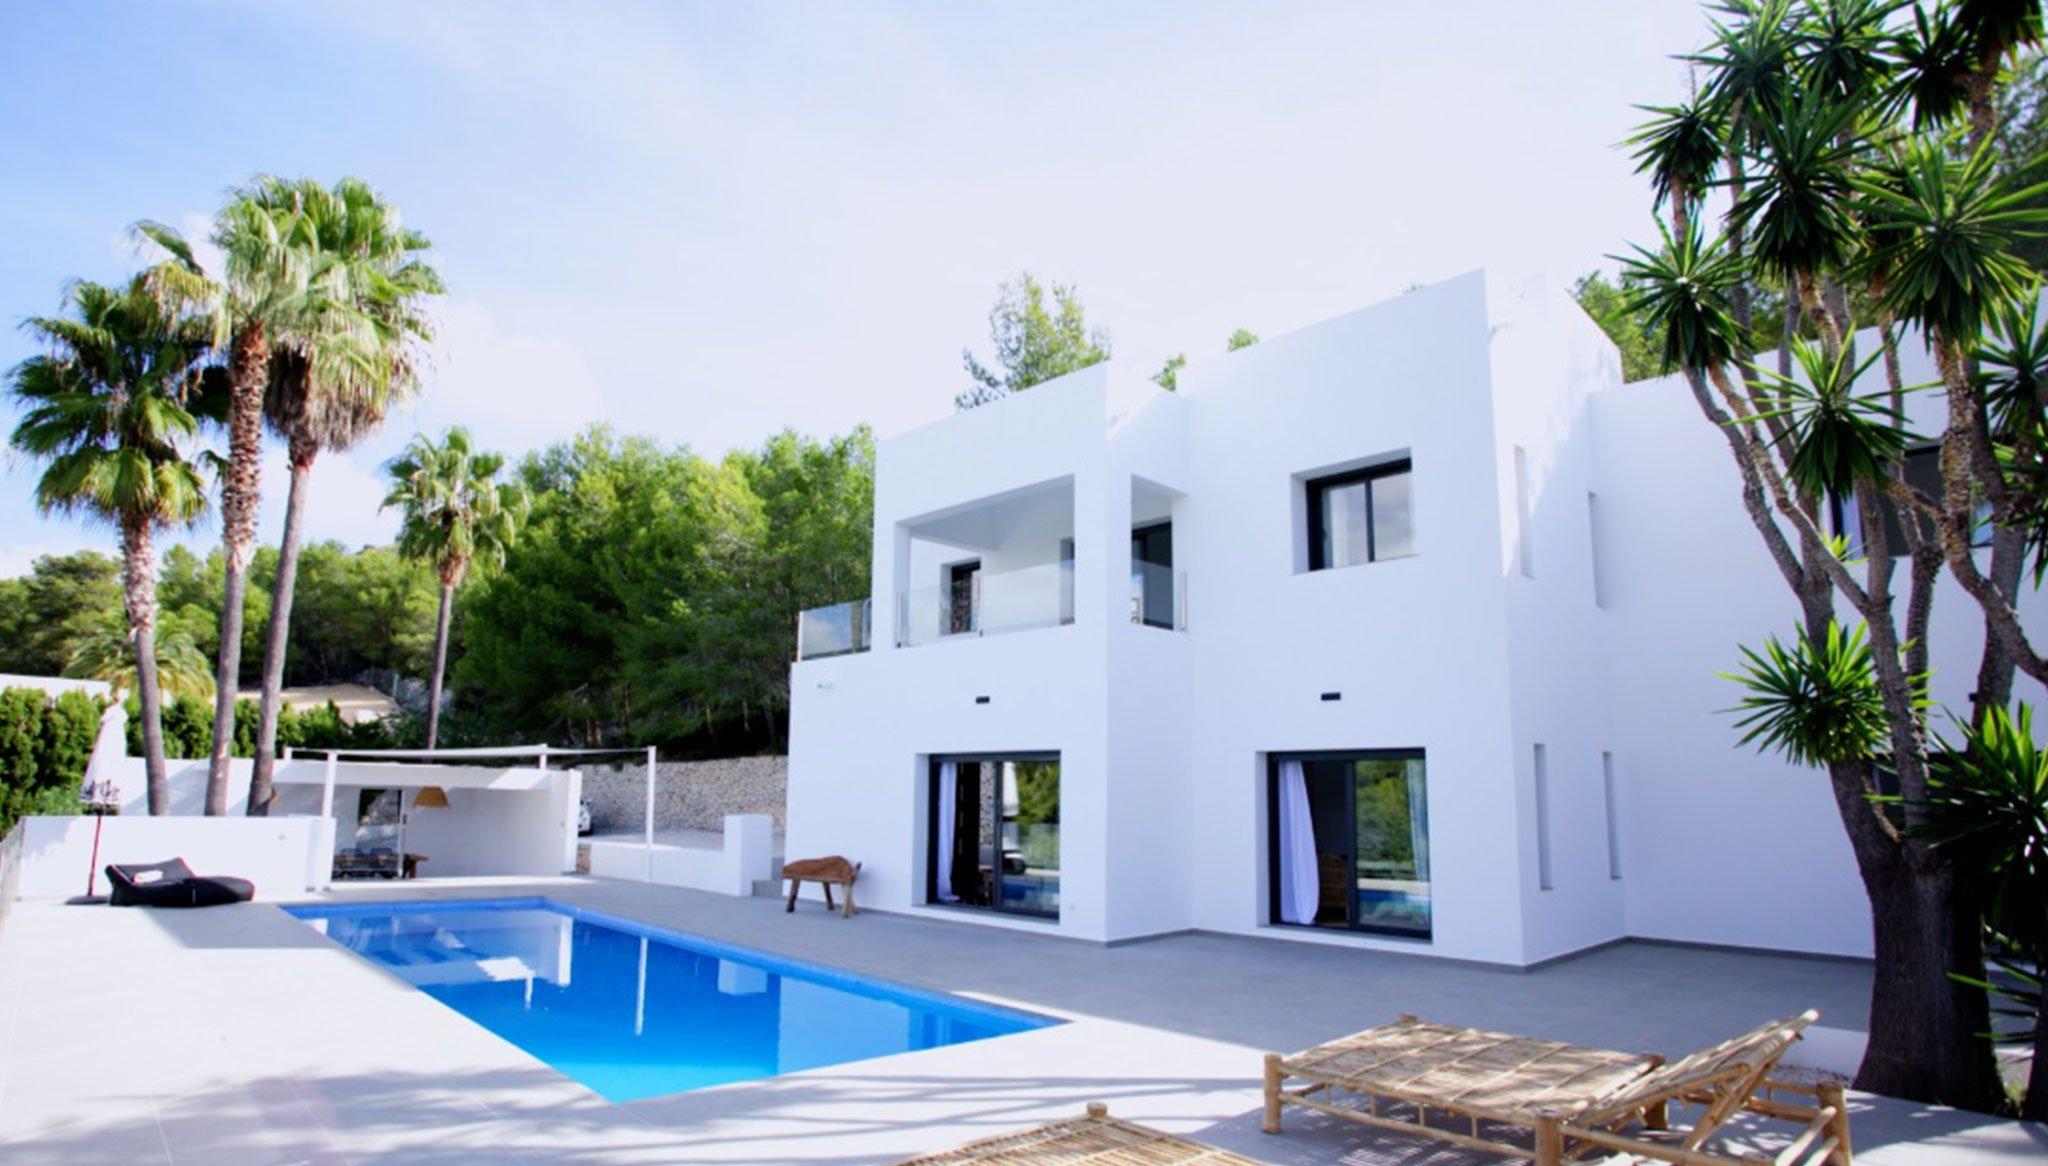 Witte gevel van een luxe villa in Ibiza-stijl - Fine & Country Costa Blanca Noord